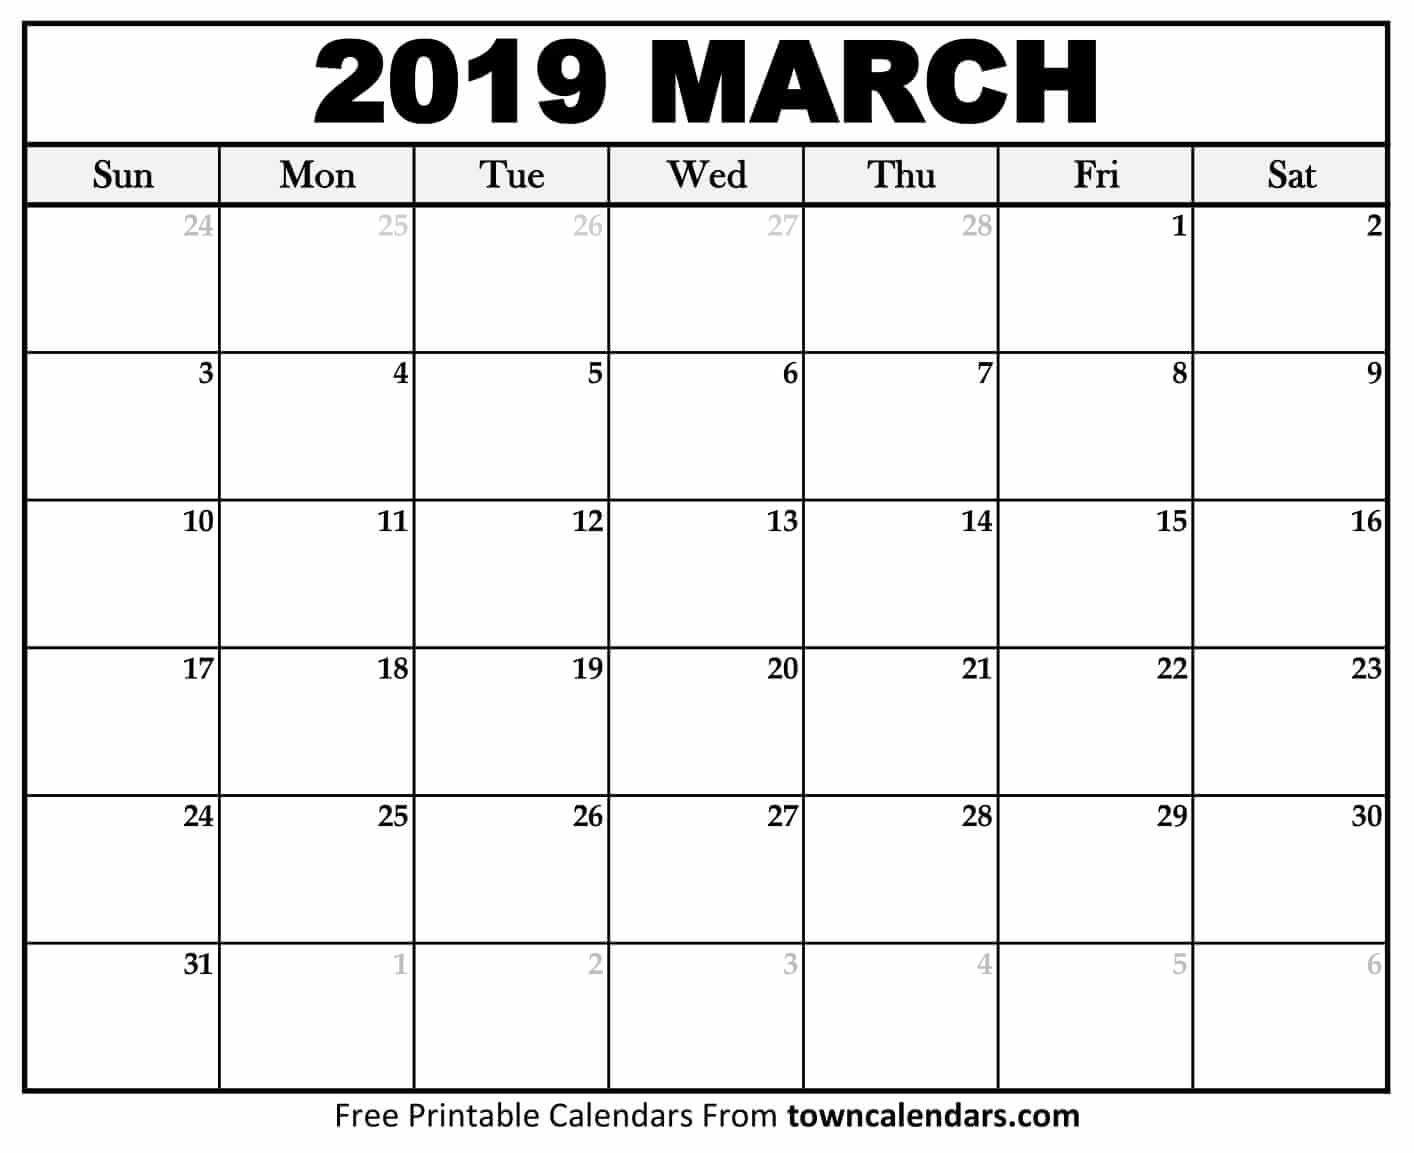 Printable March 2019 Calendar - Towncalendars March 4 2019 Calendar